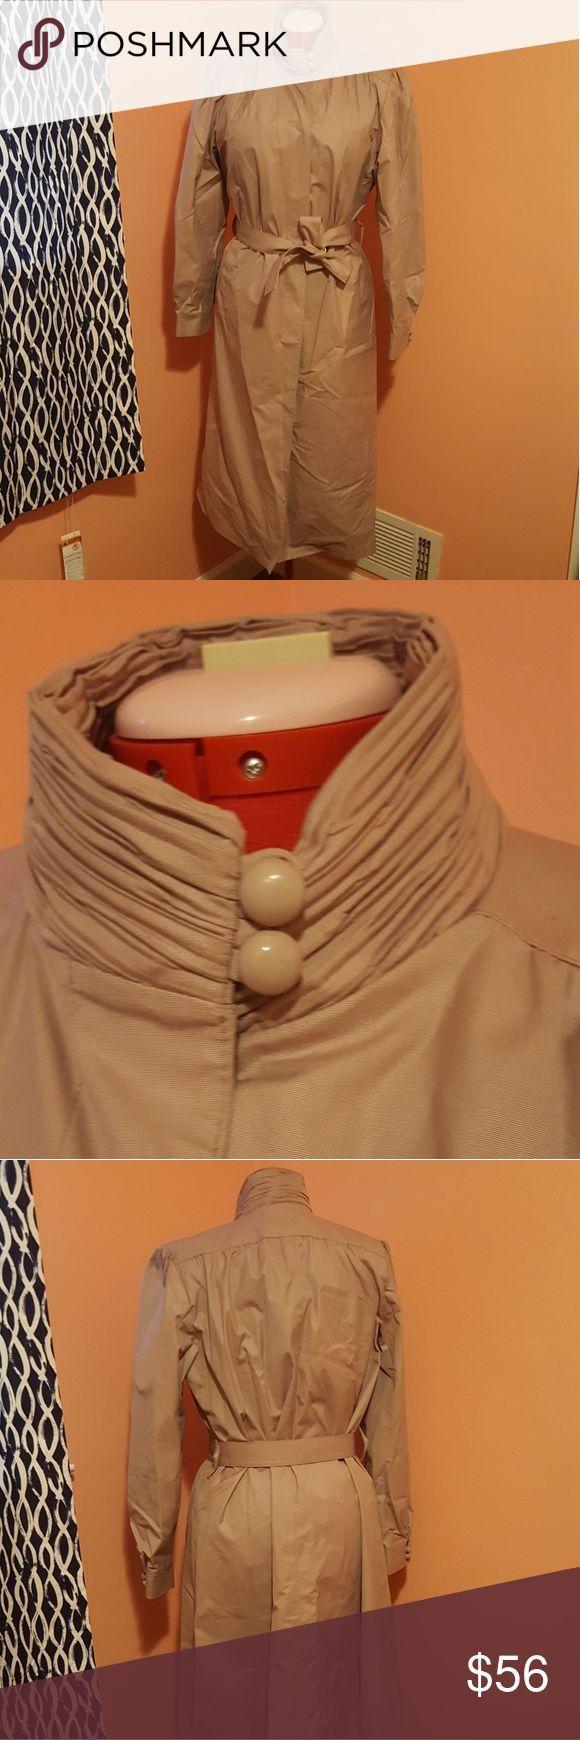 #Coat #Fog #i39m #Lavender #London #OBSESSED #Raincoat #Rainy Day Outfit vintage #Trench #vint #Vintage London Fog Vintage Lavender Raincoat Trench coat I'm obsessed with this vint...        ロンドンフォグヴィンテージラベンダーレインコートトレンチコートこのヴィンテージのロンドンフォグレインコート/トレンチコートに夢中です。ほっそりしたラベンダー色で、襟ぐりはシャーリングで少し肩がふくらんでいます。雨の日の衣装を見せるために、ベルトで縛ったり、ボタンを外したままにしておきます。ロンドン... #rainydayoutfitforwork